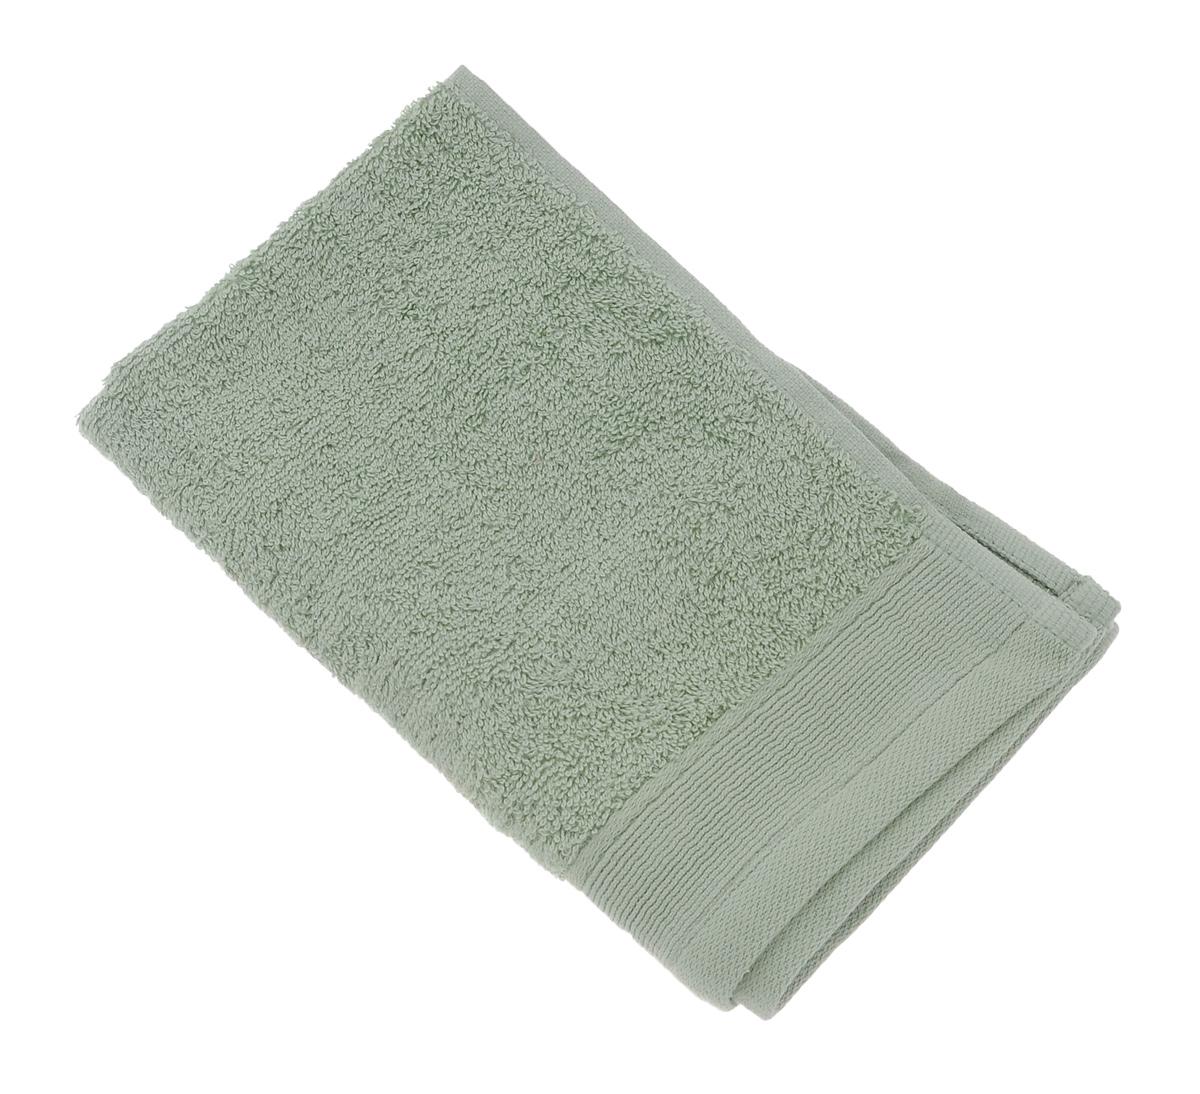 Полотенце махровое Guten Morgen, цвет: светло-зеленый, 30 х 50 смBL-1BМахровое полотенце Guten Morgen, изготовленное из натурального хлопка, прекрасно впитывает влагу и быстро сохнет. Высокая плотность ткани делает полотенце мягкими, прочными и пушистыми. При соблюдении рекомендаций по уходу изделие сохраняет яркость цвета и не теряет форму даже после многократных стирок. Махровое полотенце Guten Morgen станет достойным выбором для вас и приятным подарком для ваших близких. Мягкость и высокое качество материала, из которого изготовлено полотенце, не оставит вас равнодушными.